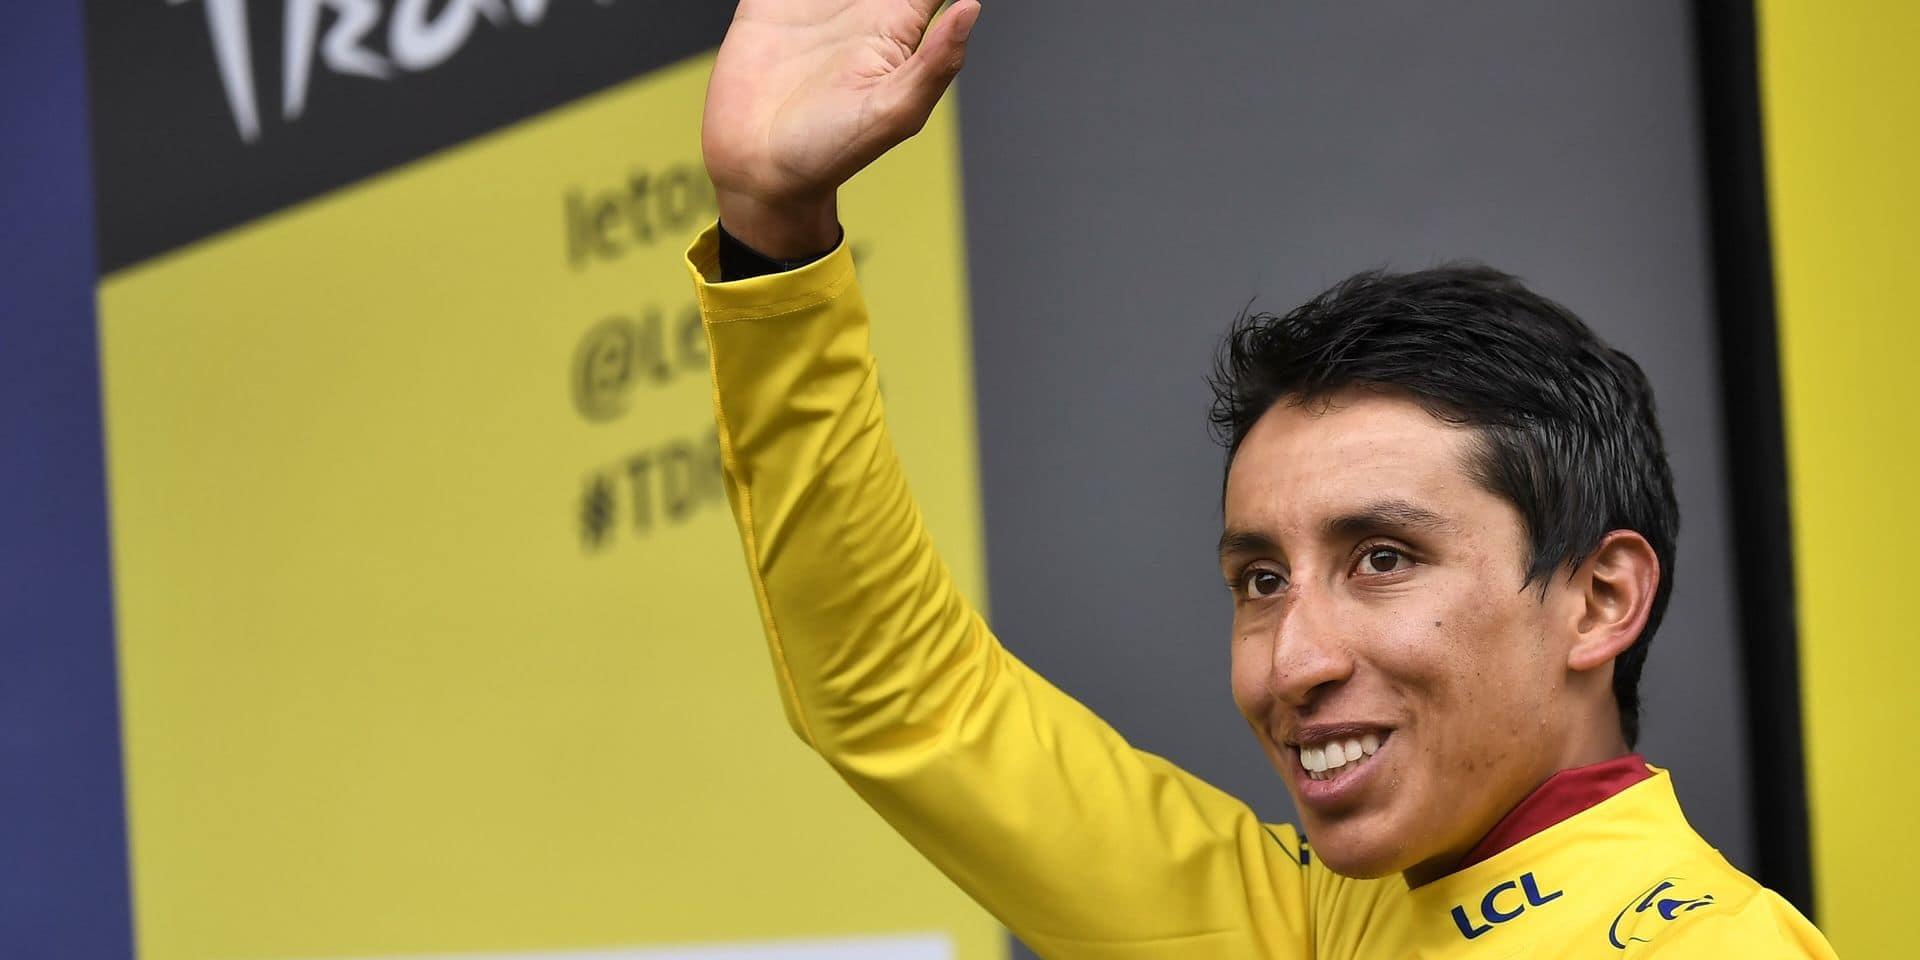 Malgré l'interdiction, Egan Bernal et les cyclistes colombiens se sont envolés pour l'Europe